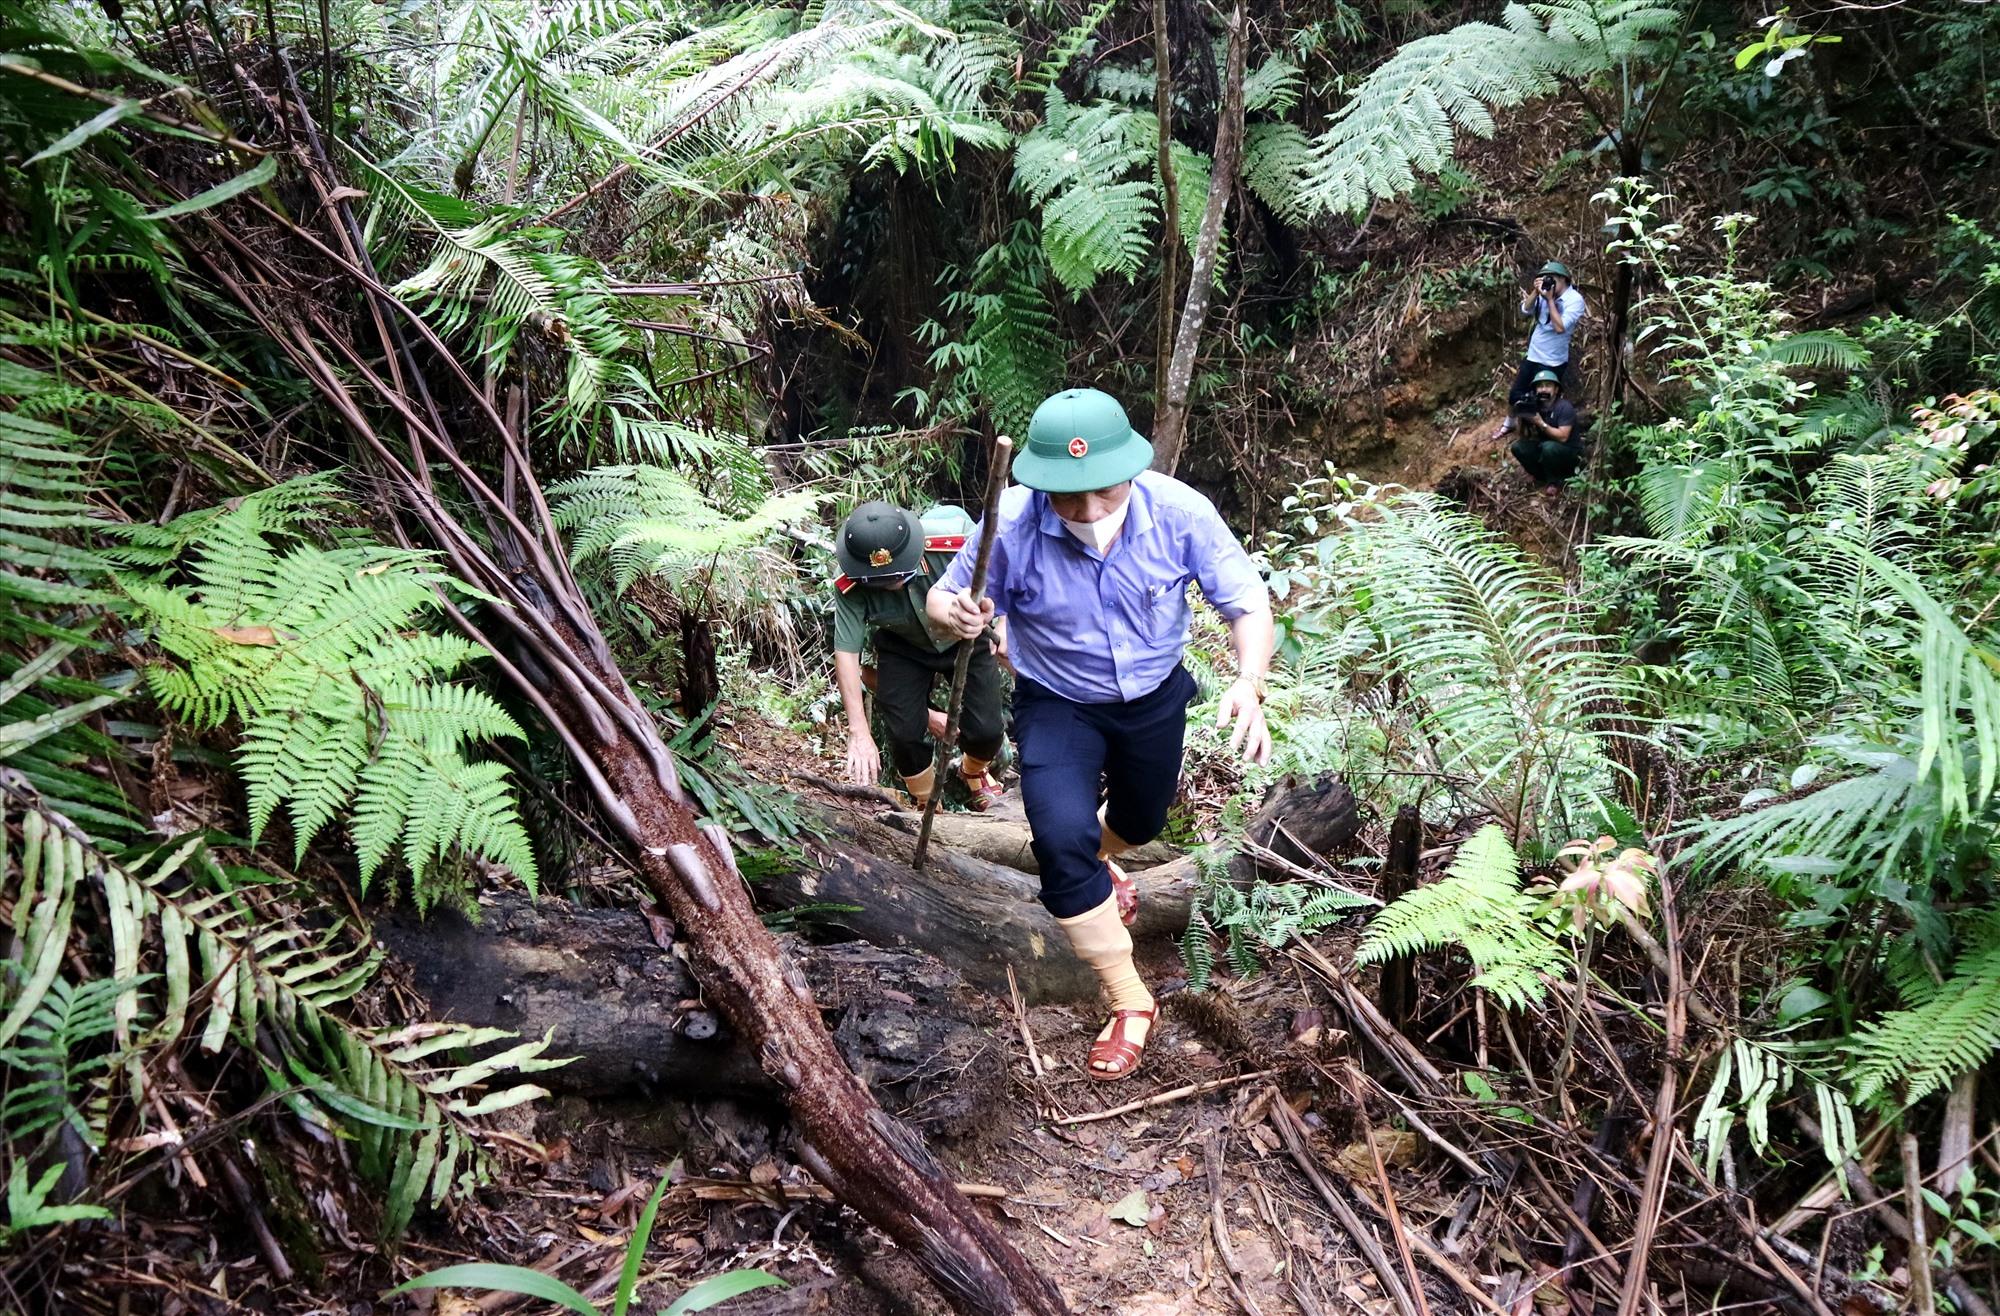 Đường đến chốt, dốc nối dốc, phải mất gần 1 giờ đồng hồ đi bộ, đoàn công tác mới đến nơi. Ảnh: A.N